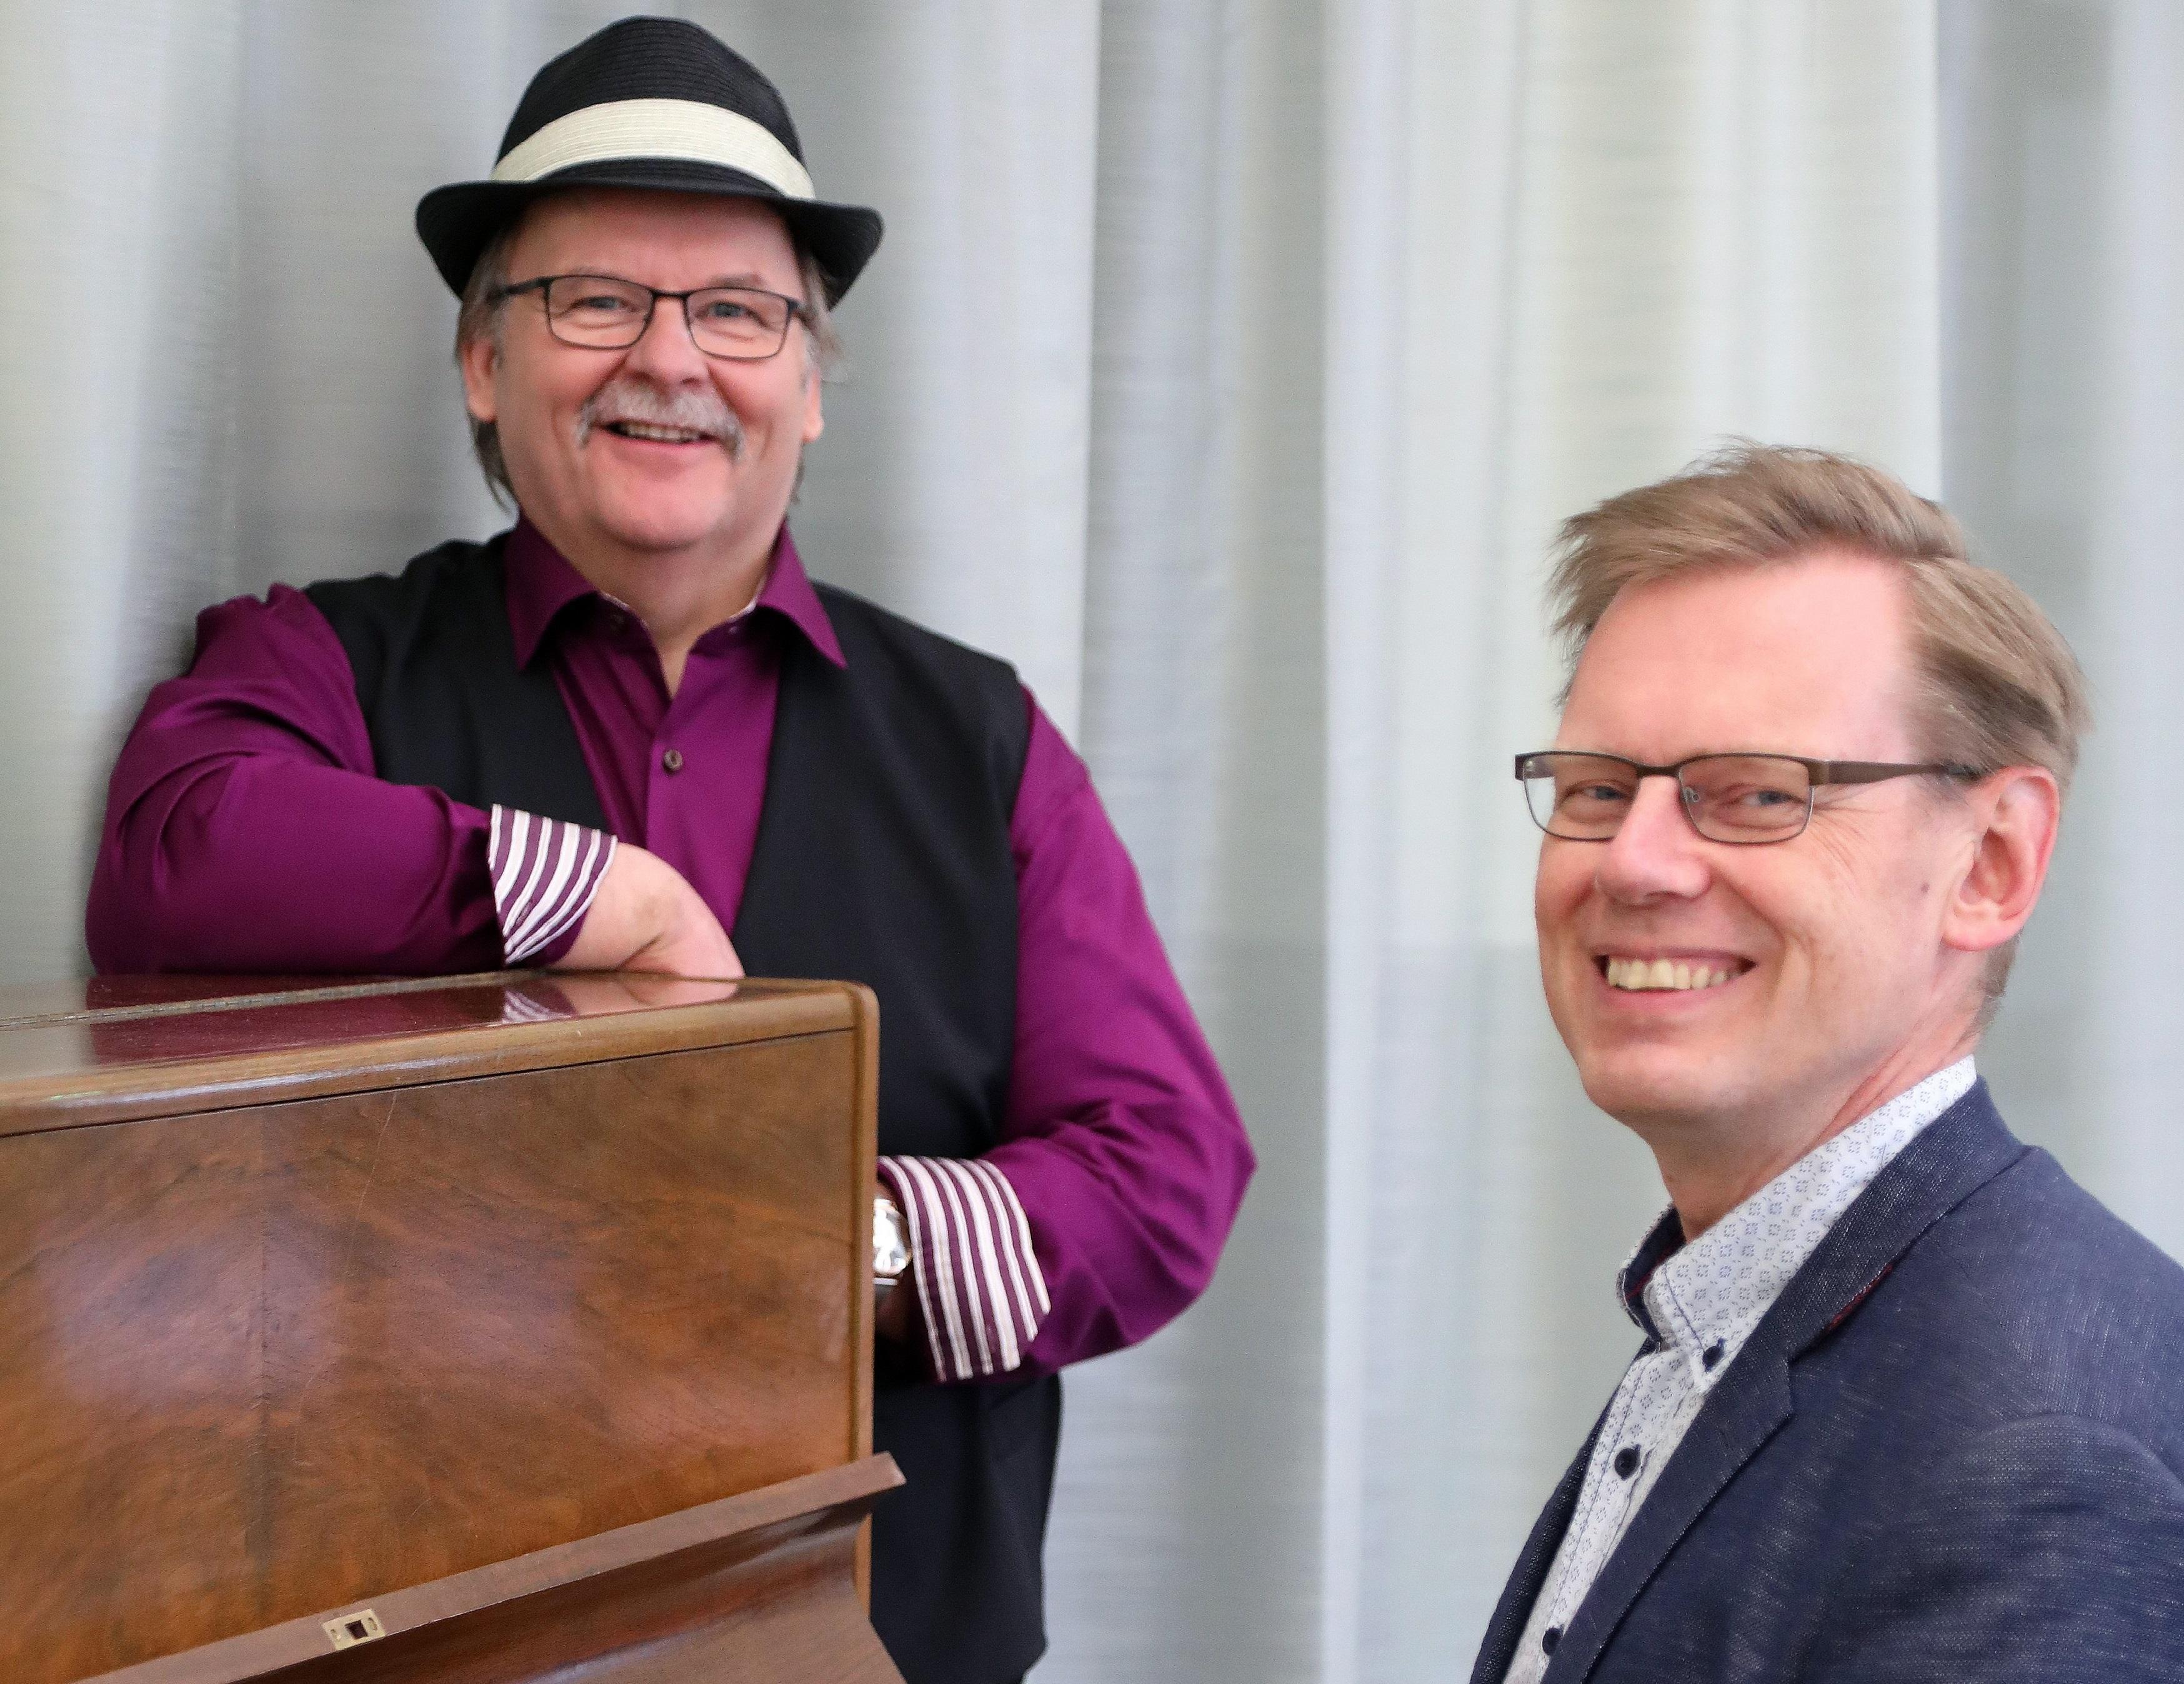 Verkkotapahtuma: #30 Yhteislaulut kotona, laulattajina Martti Kuurila ja Jussi Tamminen